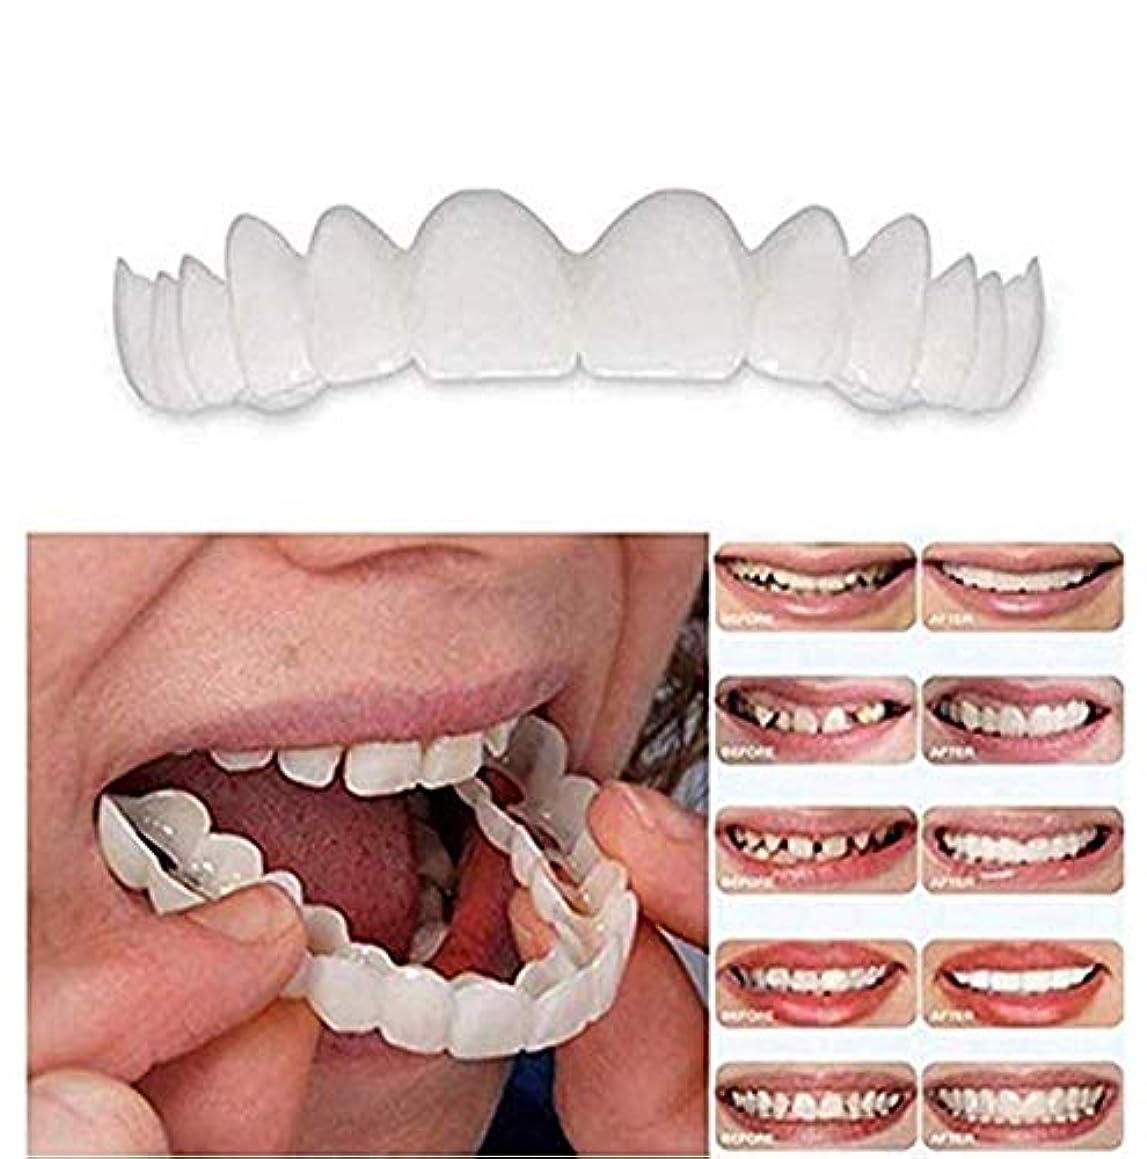 抗議必要性雪だるまを作る14セットの再利用可能な歯カバー歯科用アクセサリー用の調節可能なソフト漂白偽歯科義歯